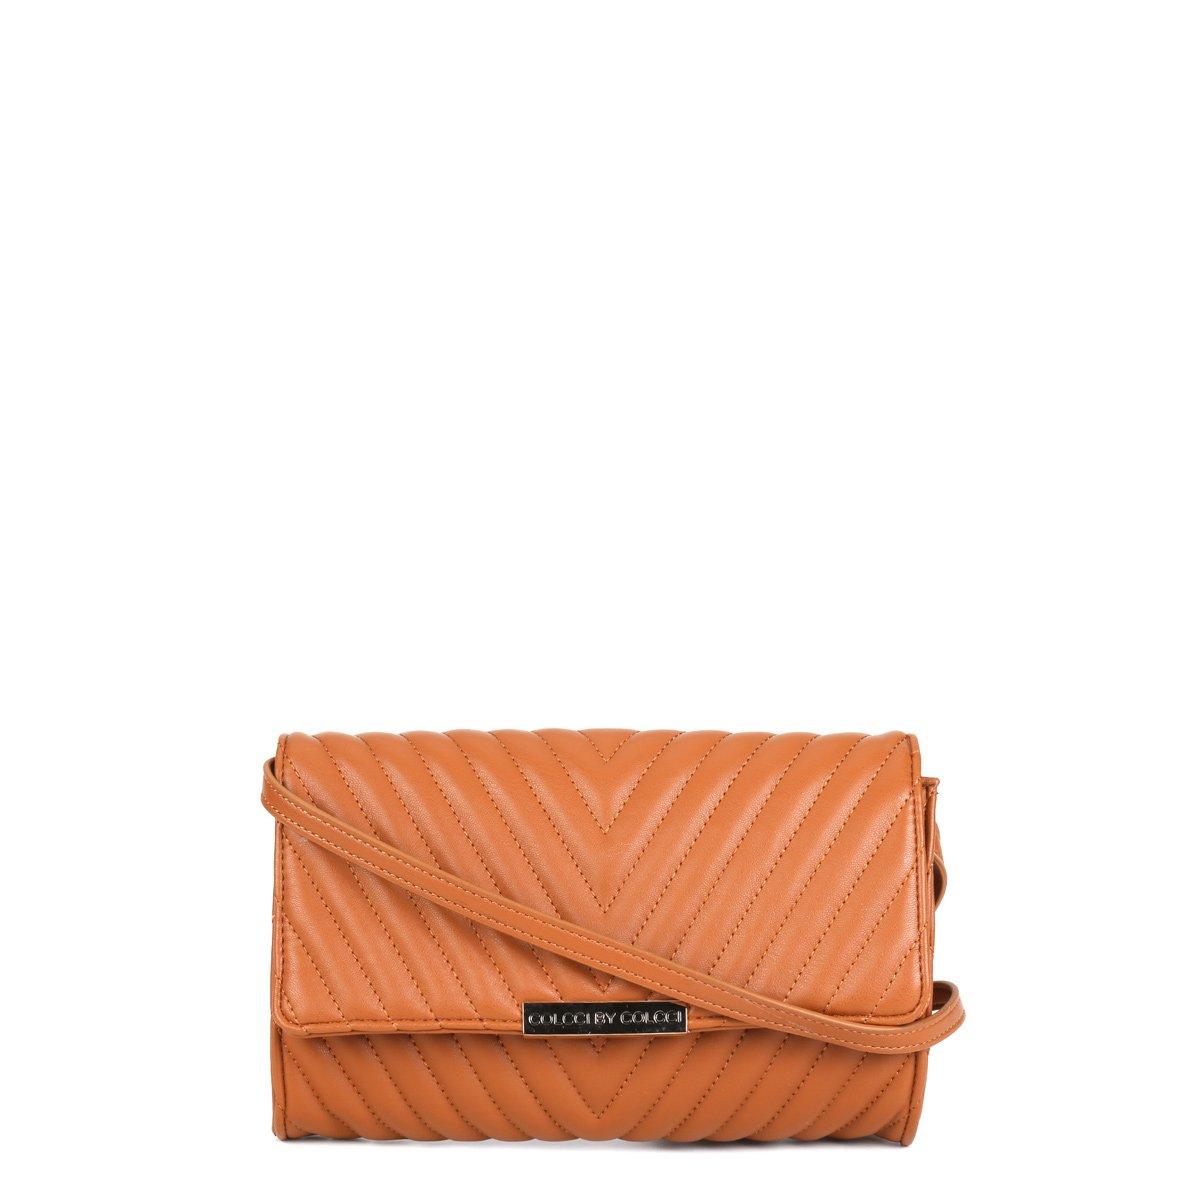 b016e400f Bolsa Colcci Matelasse Clutch - Compre Agora | Zattini